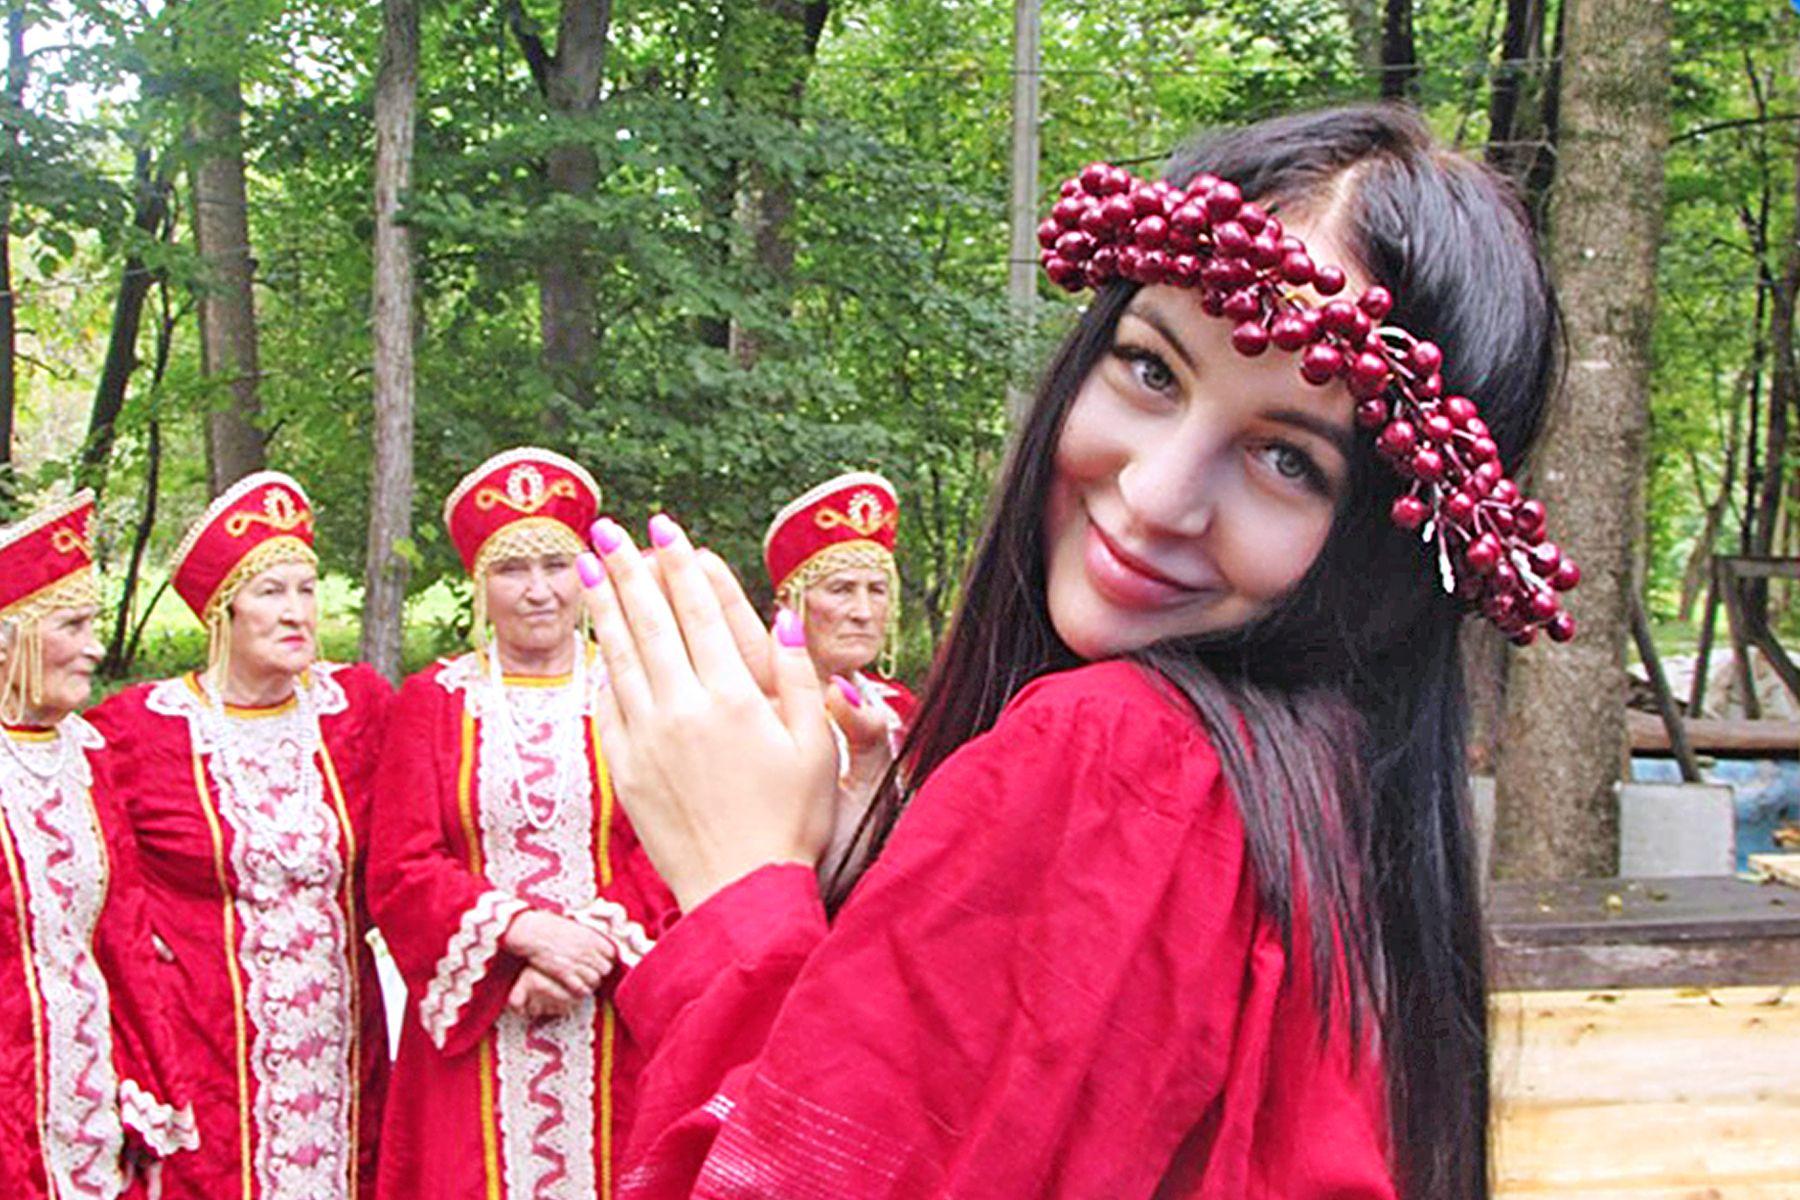 Фестиваль борща в Новонежино стал частью программы продвижения имиджа территорий, реализуемой преподавателями и студентами ВГУЭС